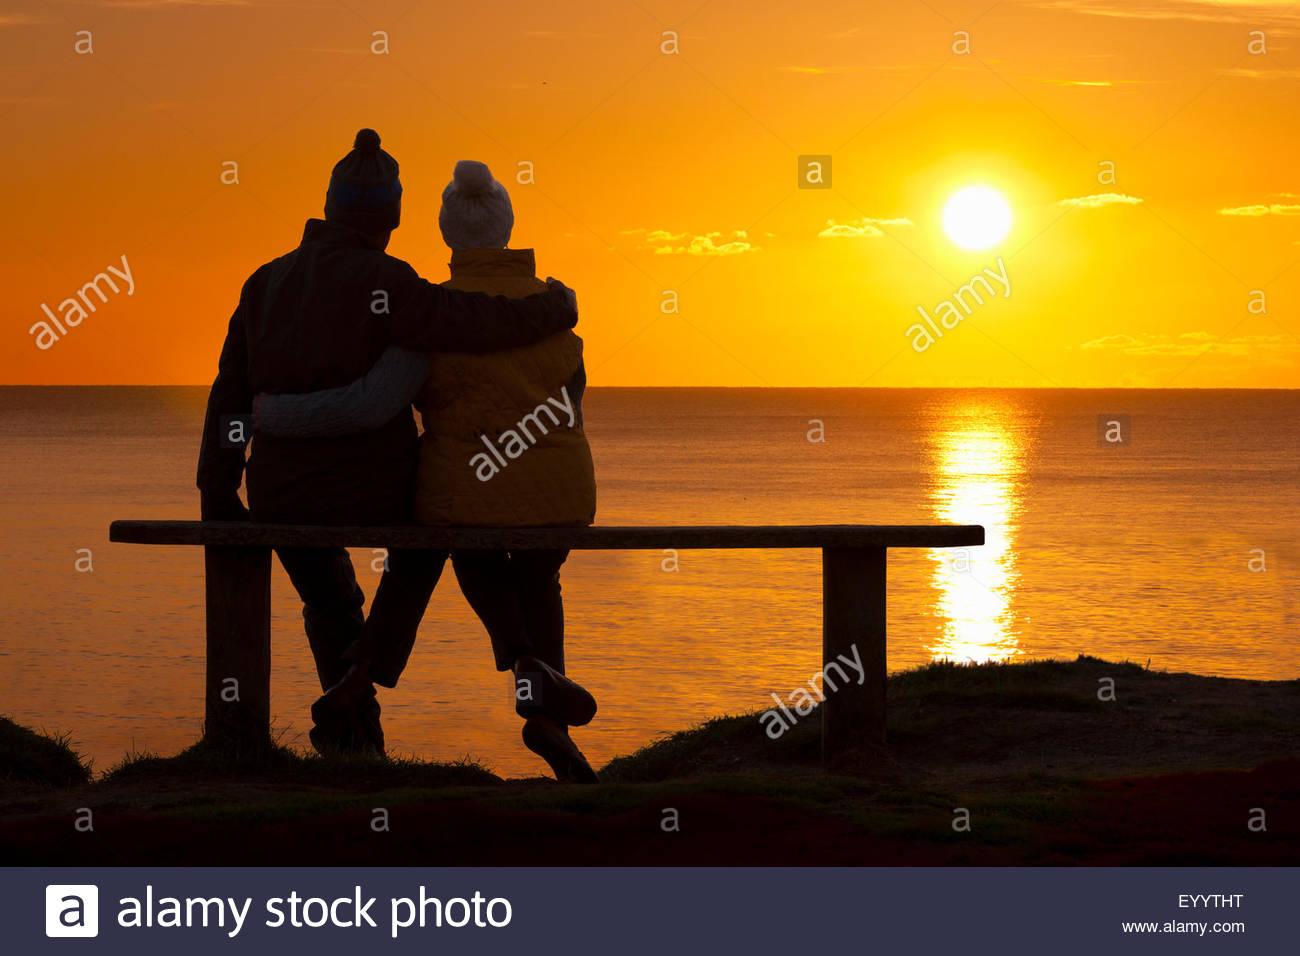 Silhouette di giovane, seduti su una panchina con le braccia attorno ad ogni altro, contro il tramonto sull'oceano Immagini Stock